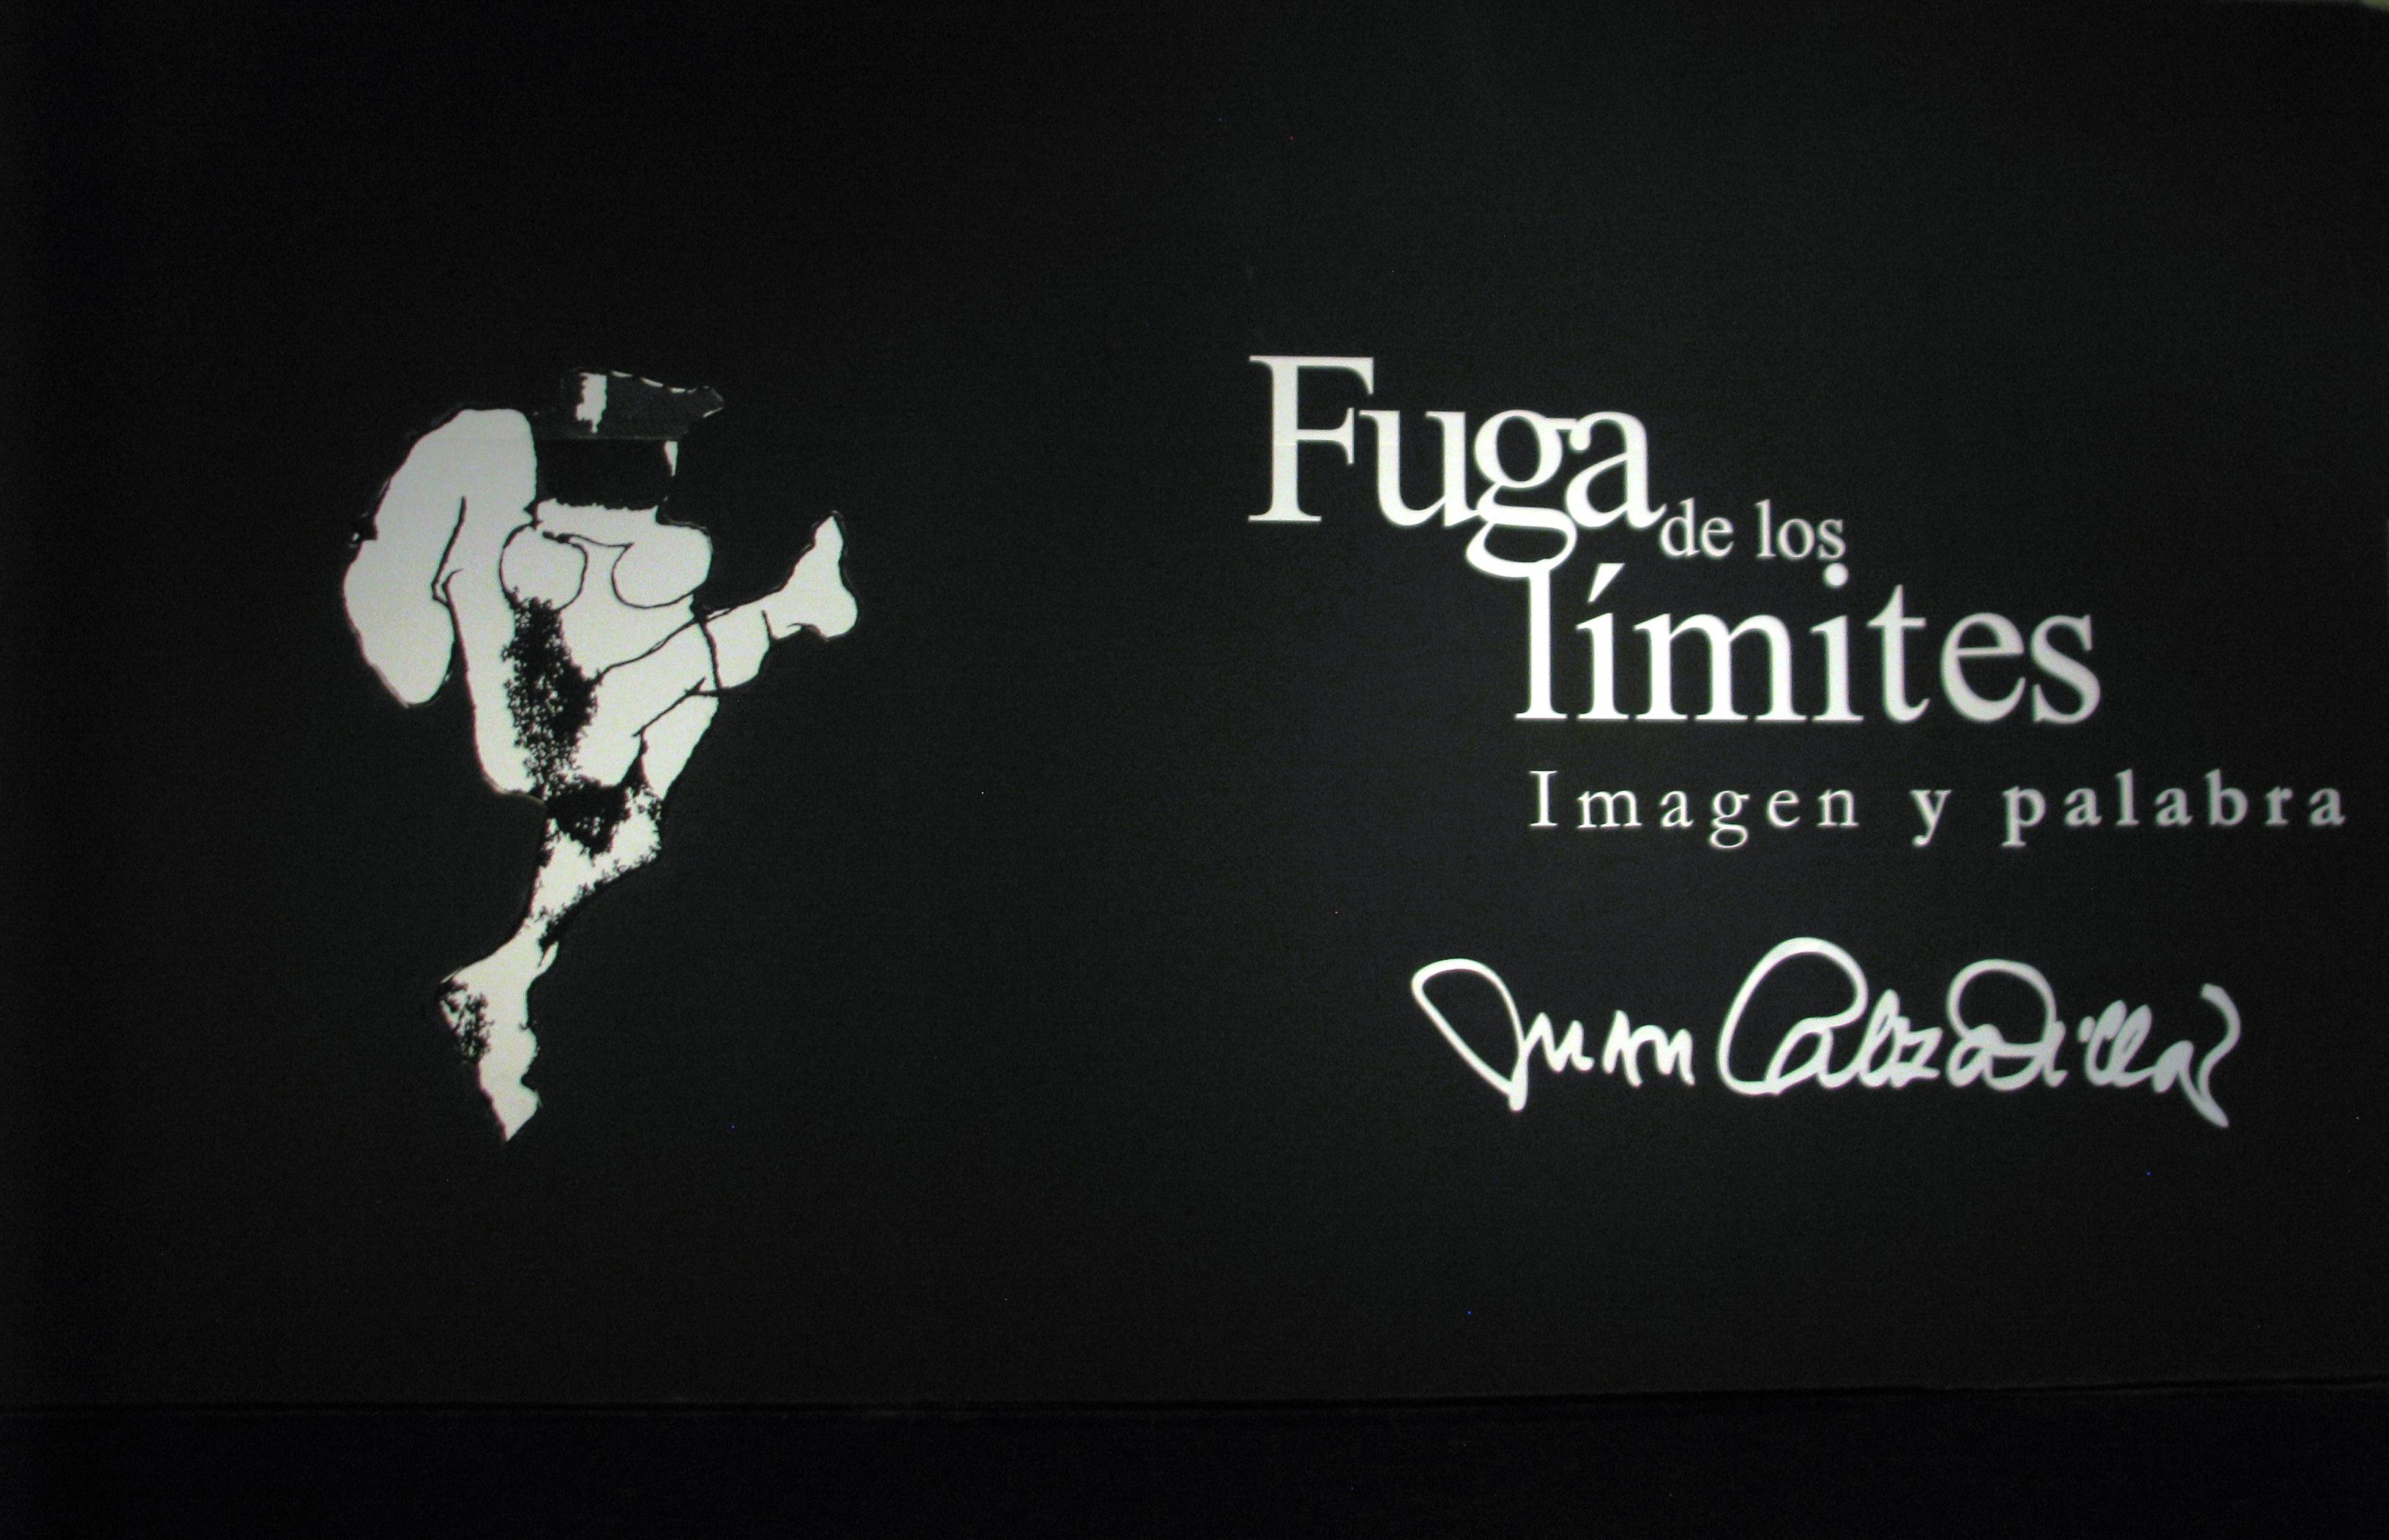 FUGA DE LOS LIMITES, Imagen y Palabra Exposición del Maestro Juan Calzadilla en la GAN